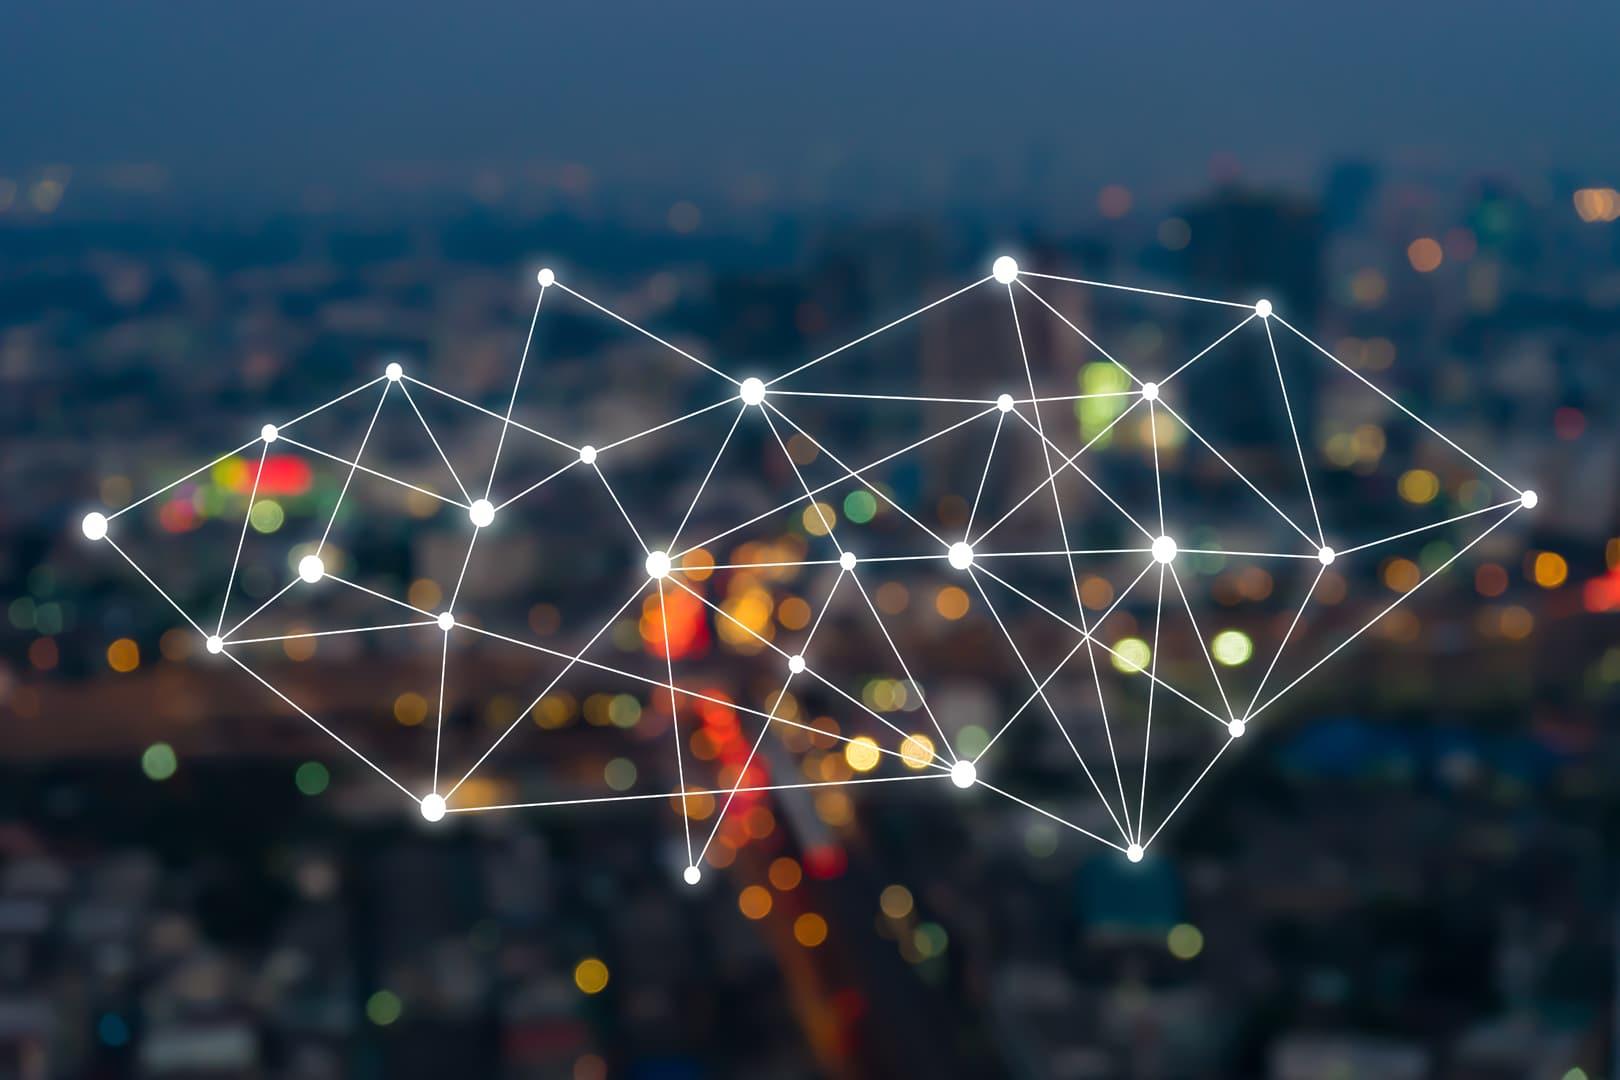 La Chine veut accélérer la transition vers l'IPv6 sur son territoire